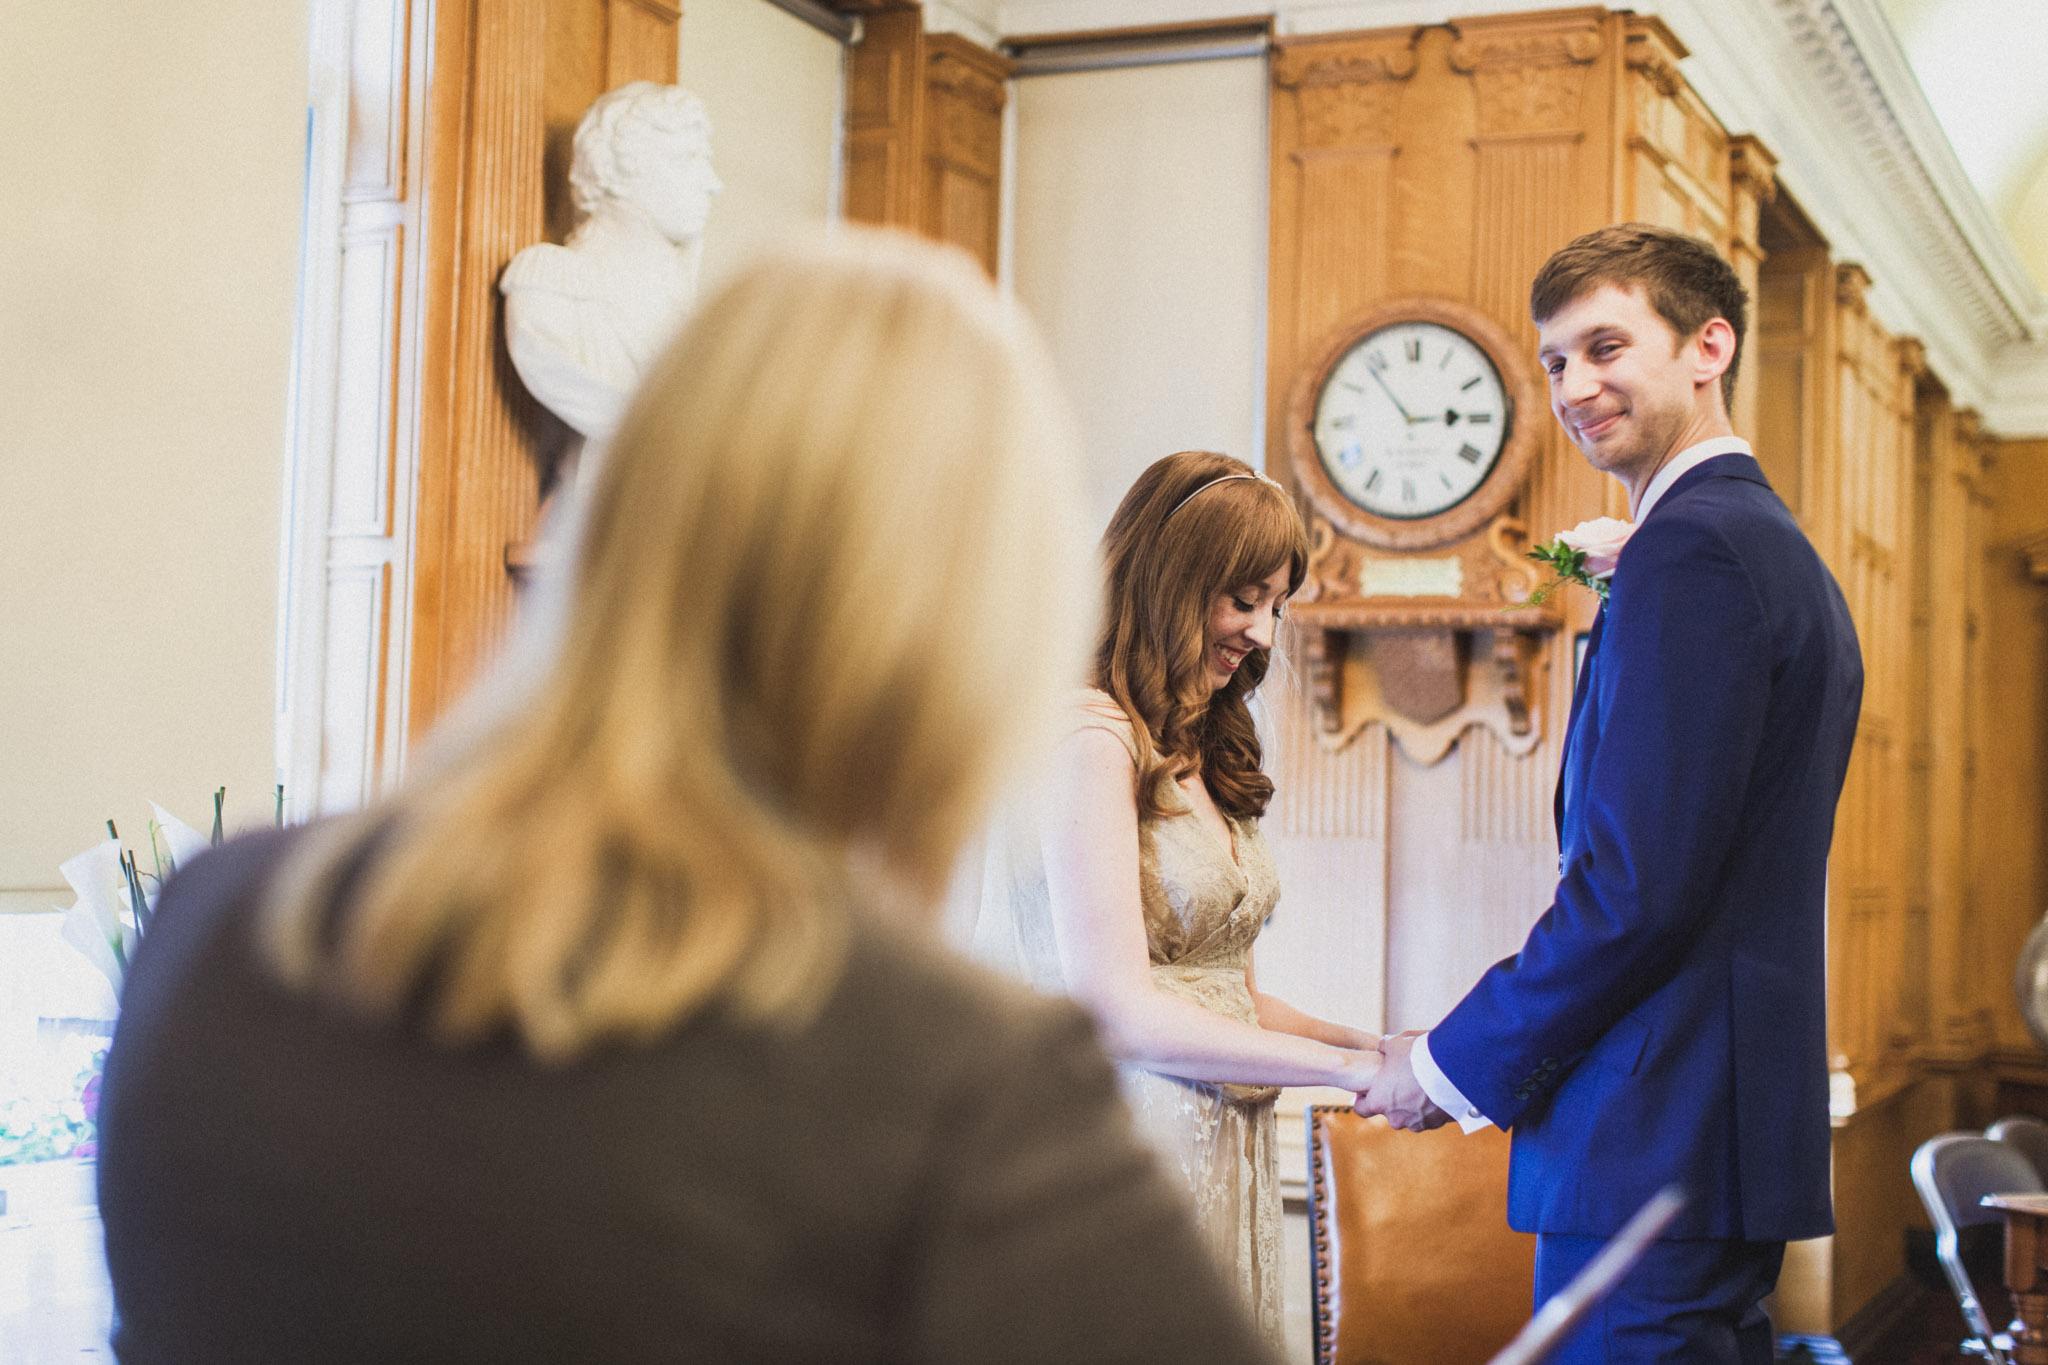 lewes_wedding_photographer_0031.jpg